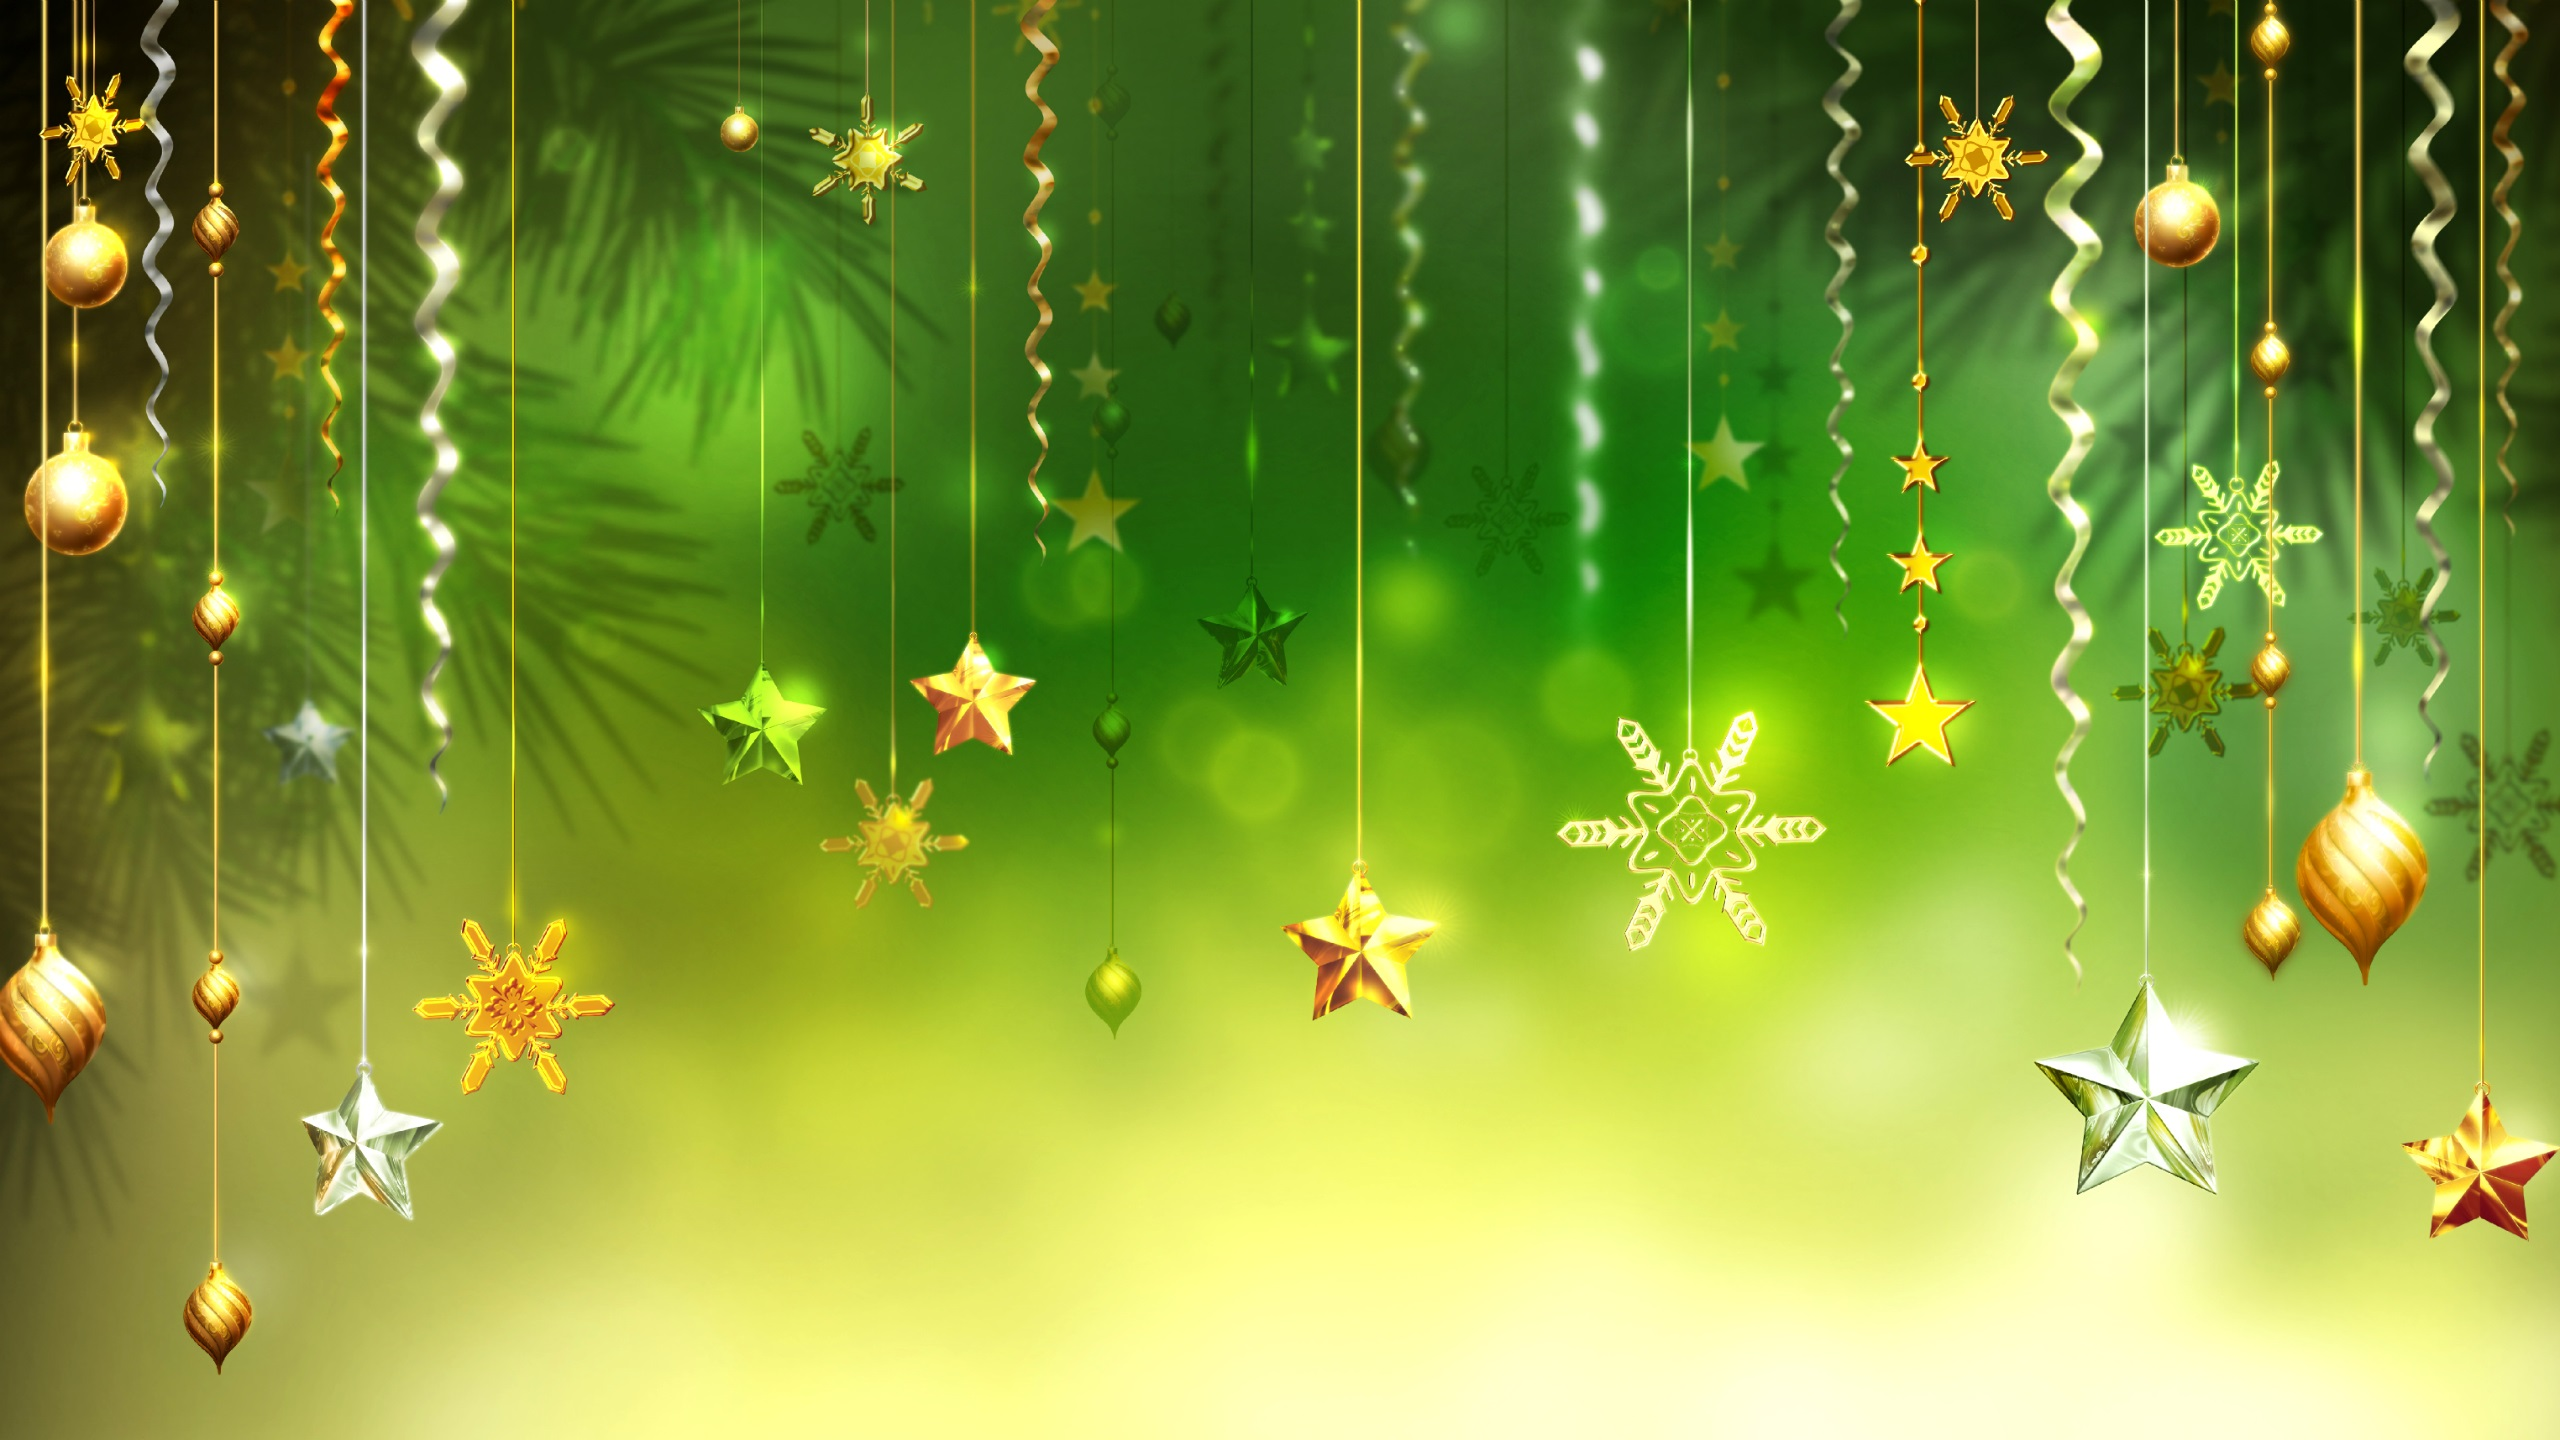 Fondos Verdes De Navidad Para Pantalla Hd 2 Hd Wallpapers: Fondos De Pantalla Decoraciones De Navidad, Fondo Verde